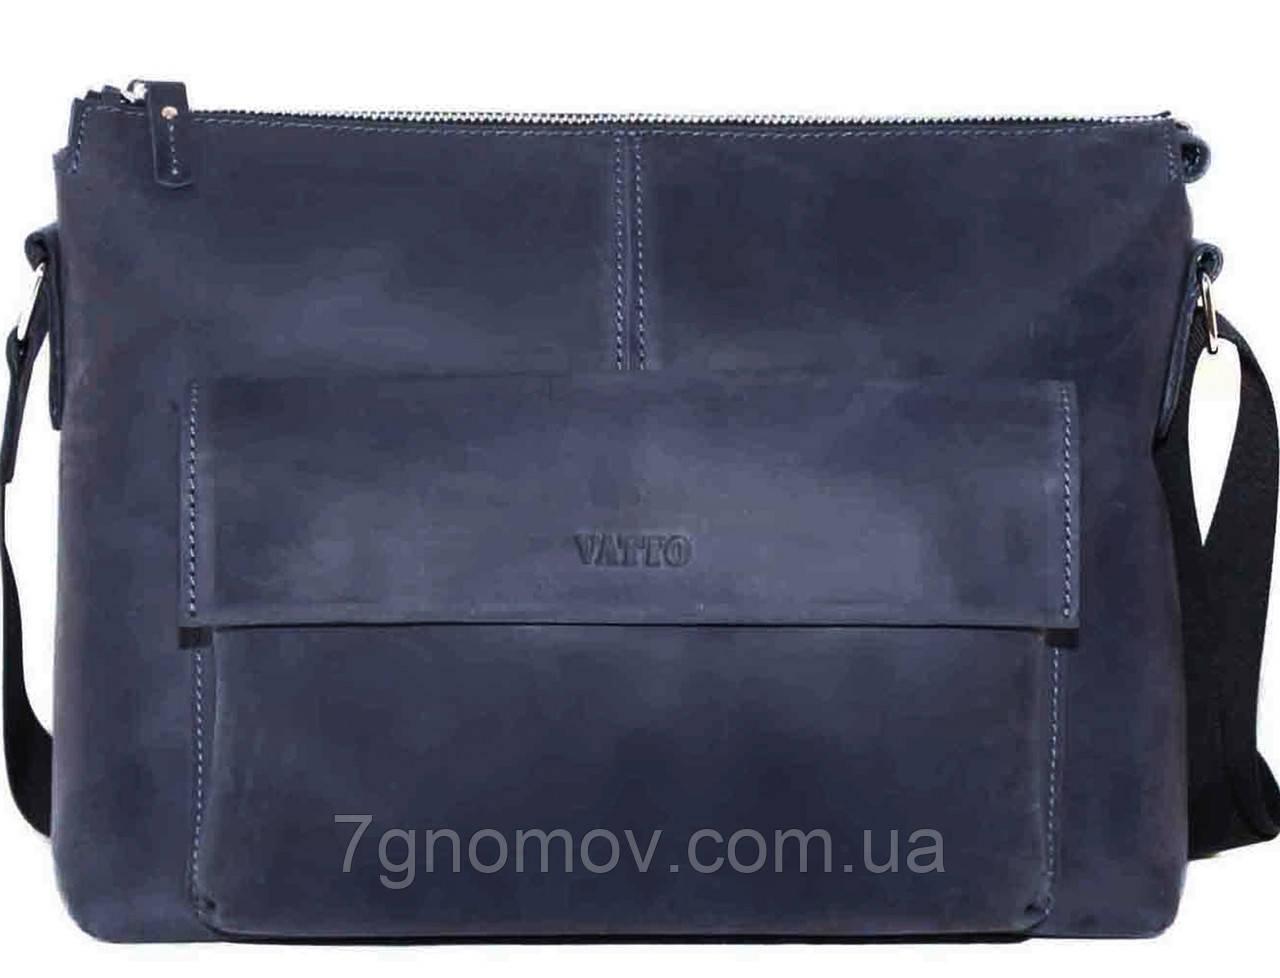 Мужская сумка VATTO Mk20.1 Kr600